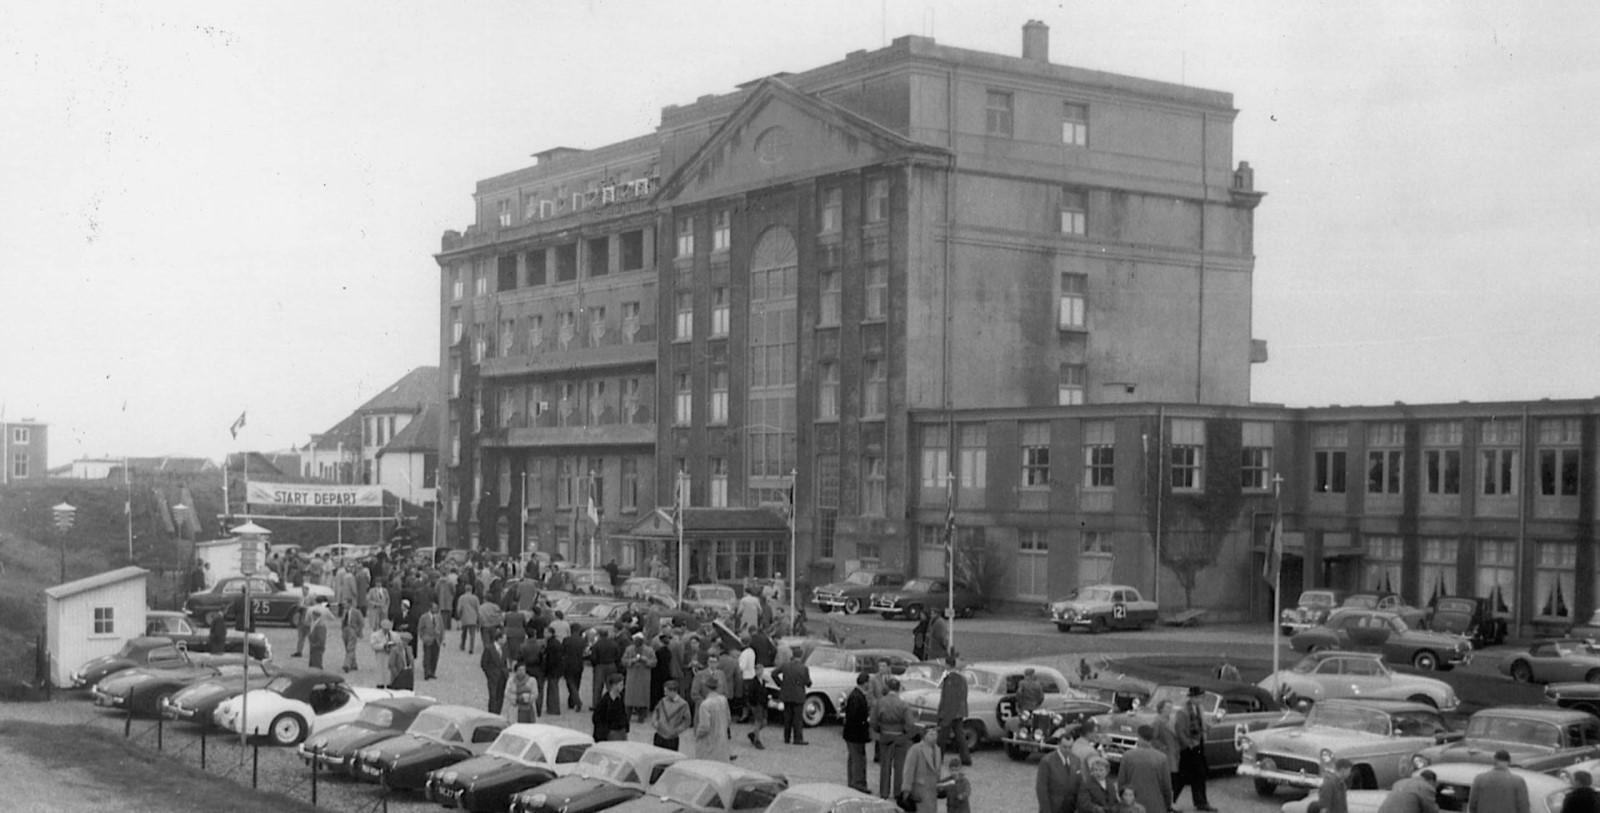 Historic Image of Exterior, Grand Hotel Huis ter Duin, Noordwijk aan Zee, Netherlands, 1885, Member of Historic Hotels Worldwide, History